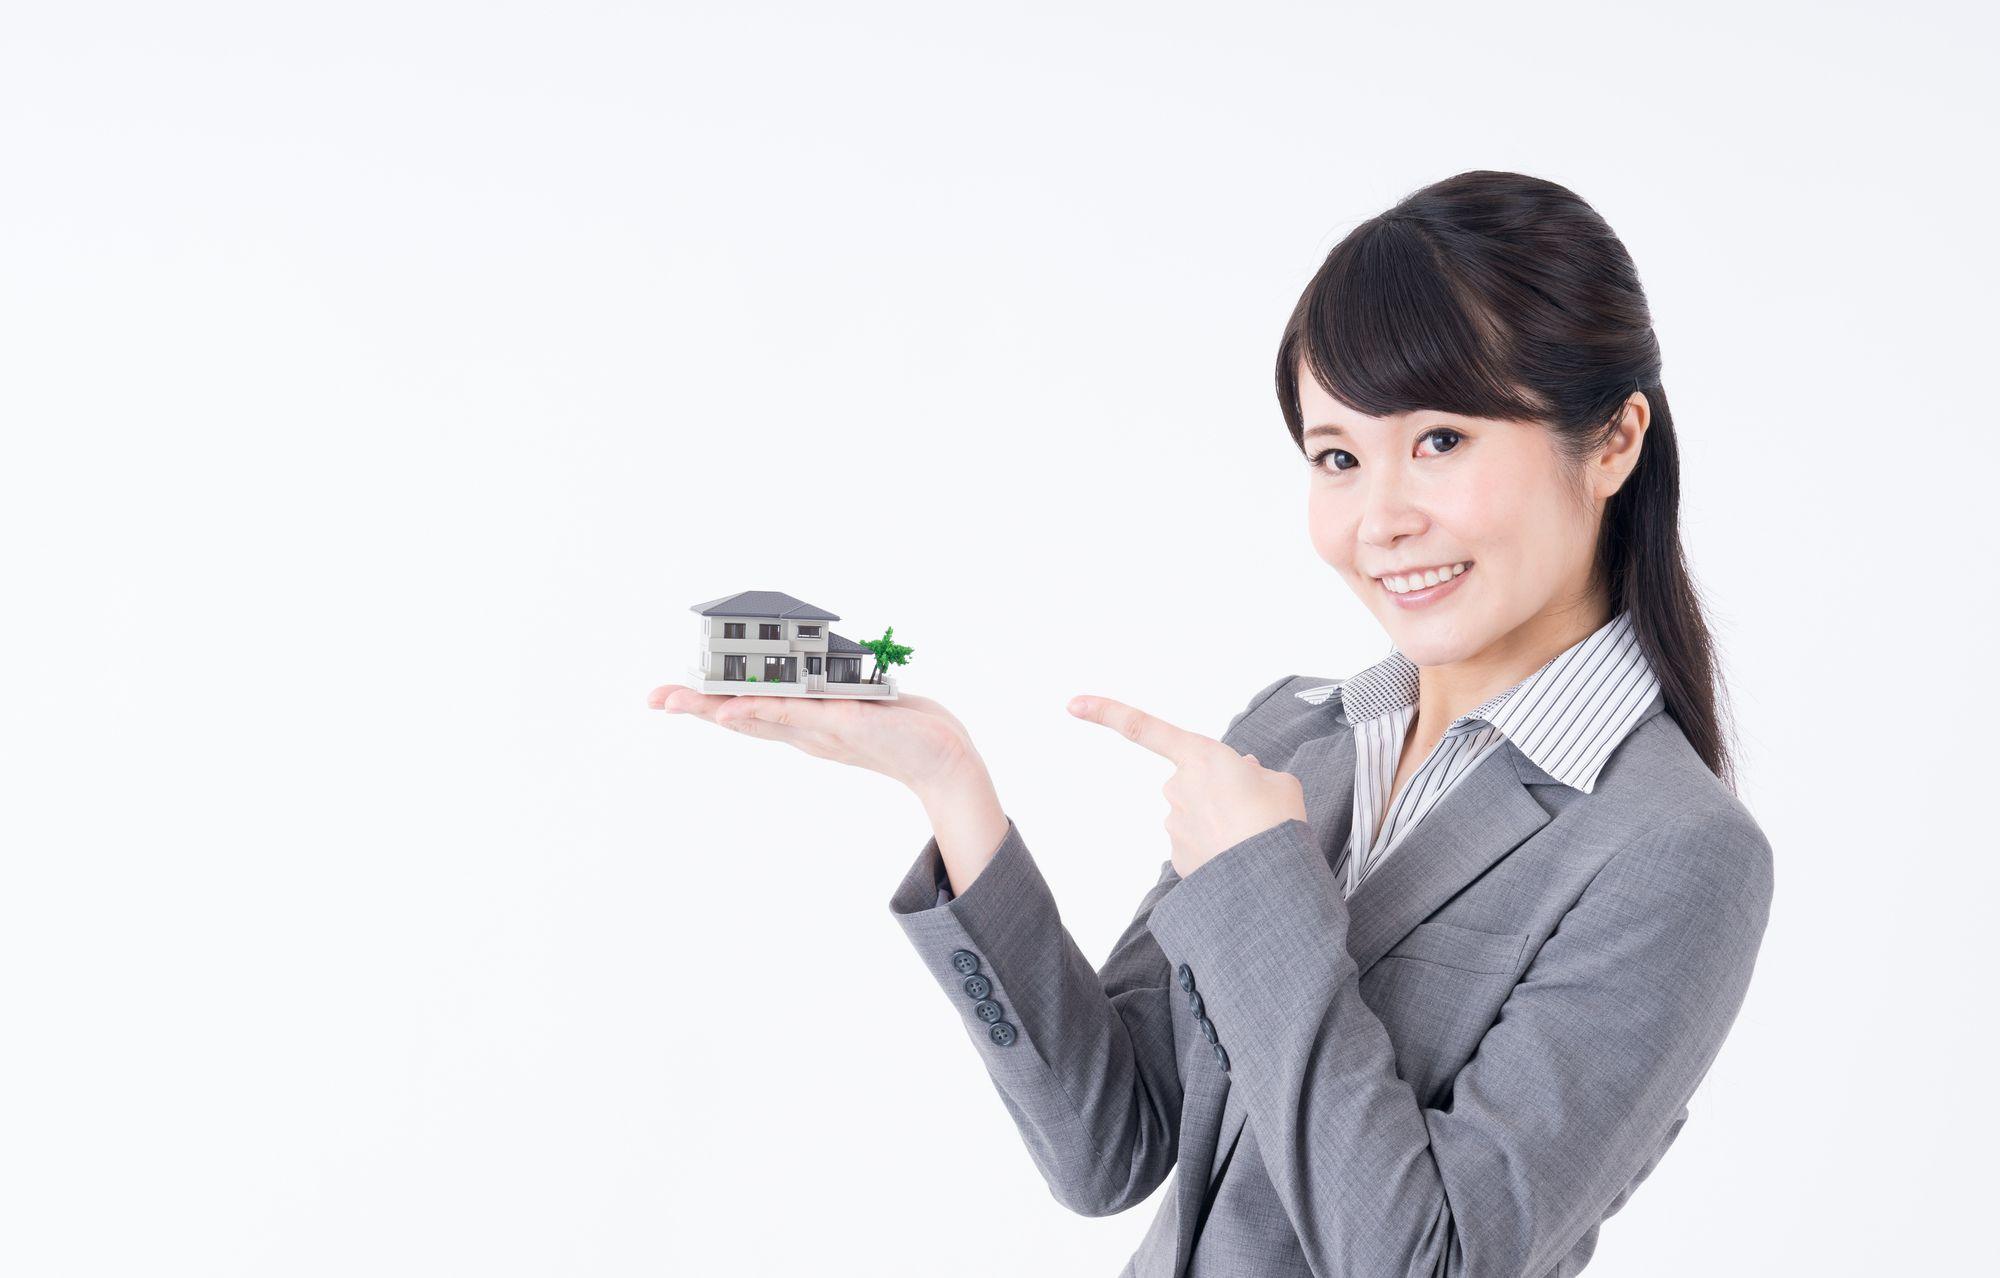 完成前の分譲住宅を購入するときに注意するポイント